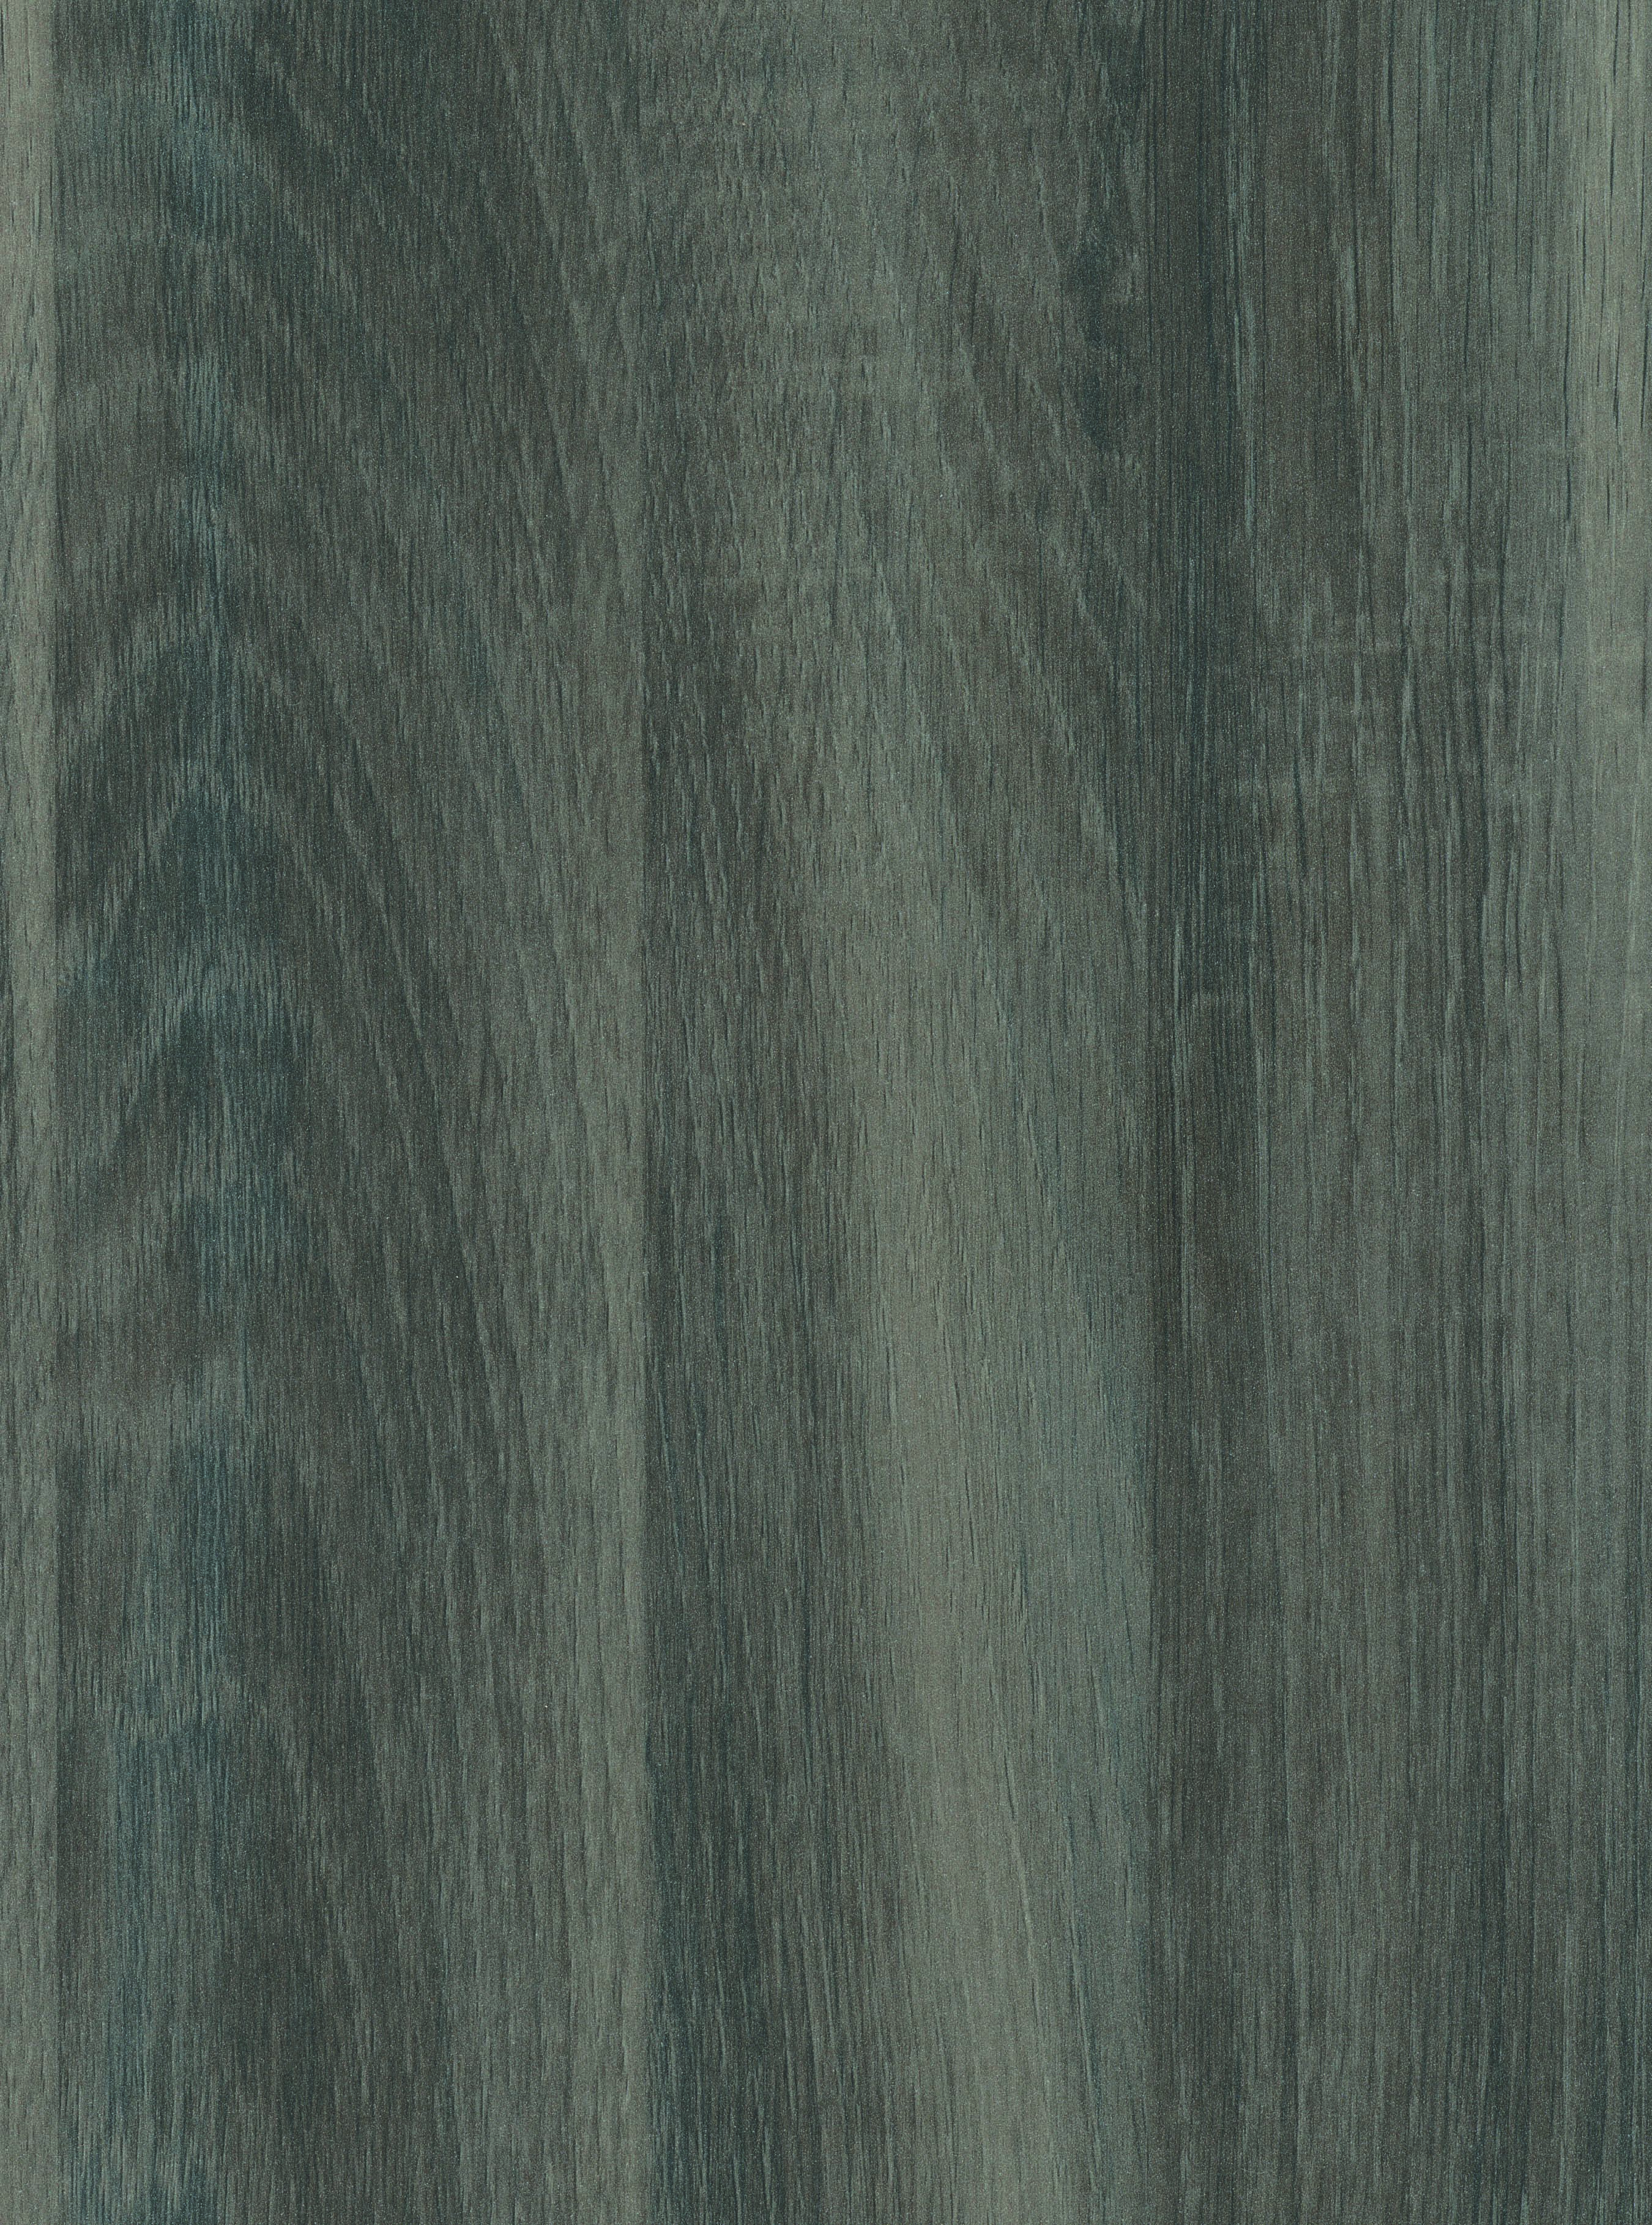 Smoked Dakota Oak (R4365RT)